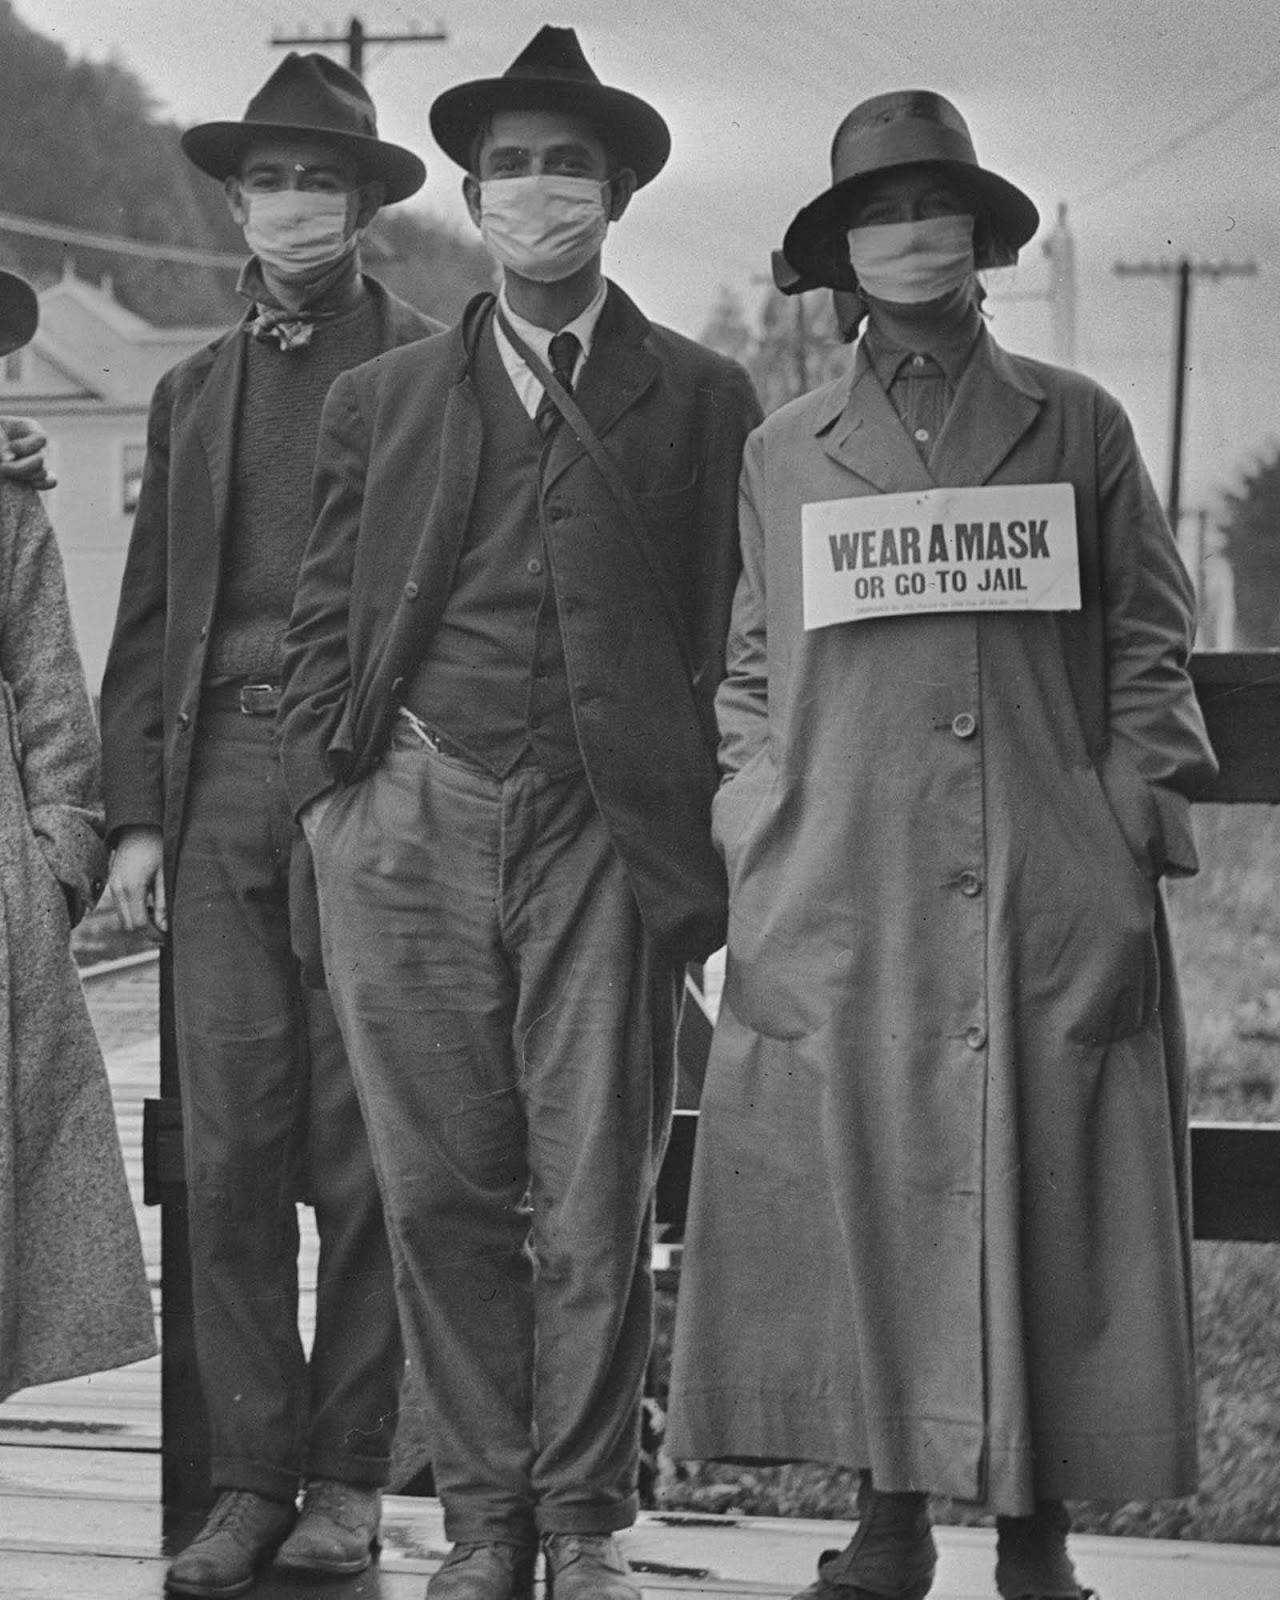 El uso de máscaras durante la pandemia de gripe española, 1918